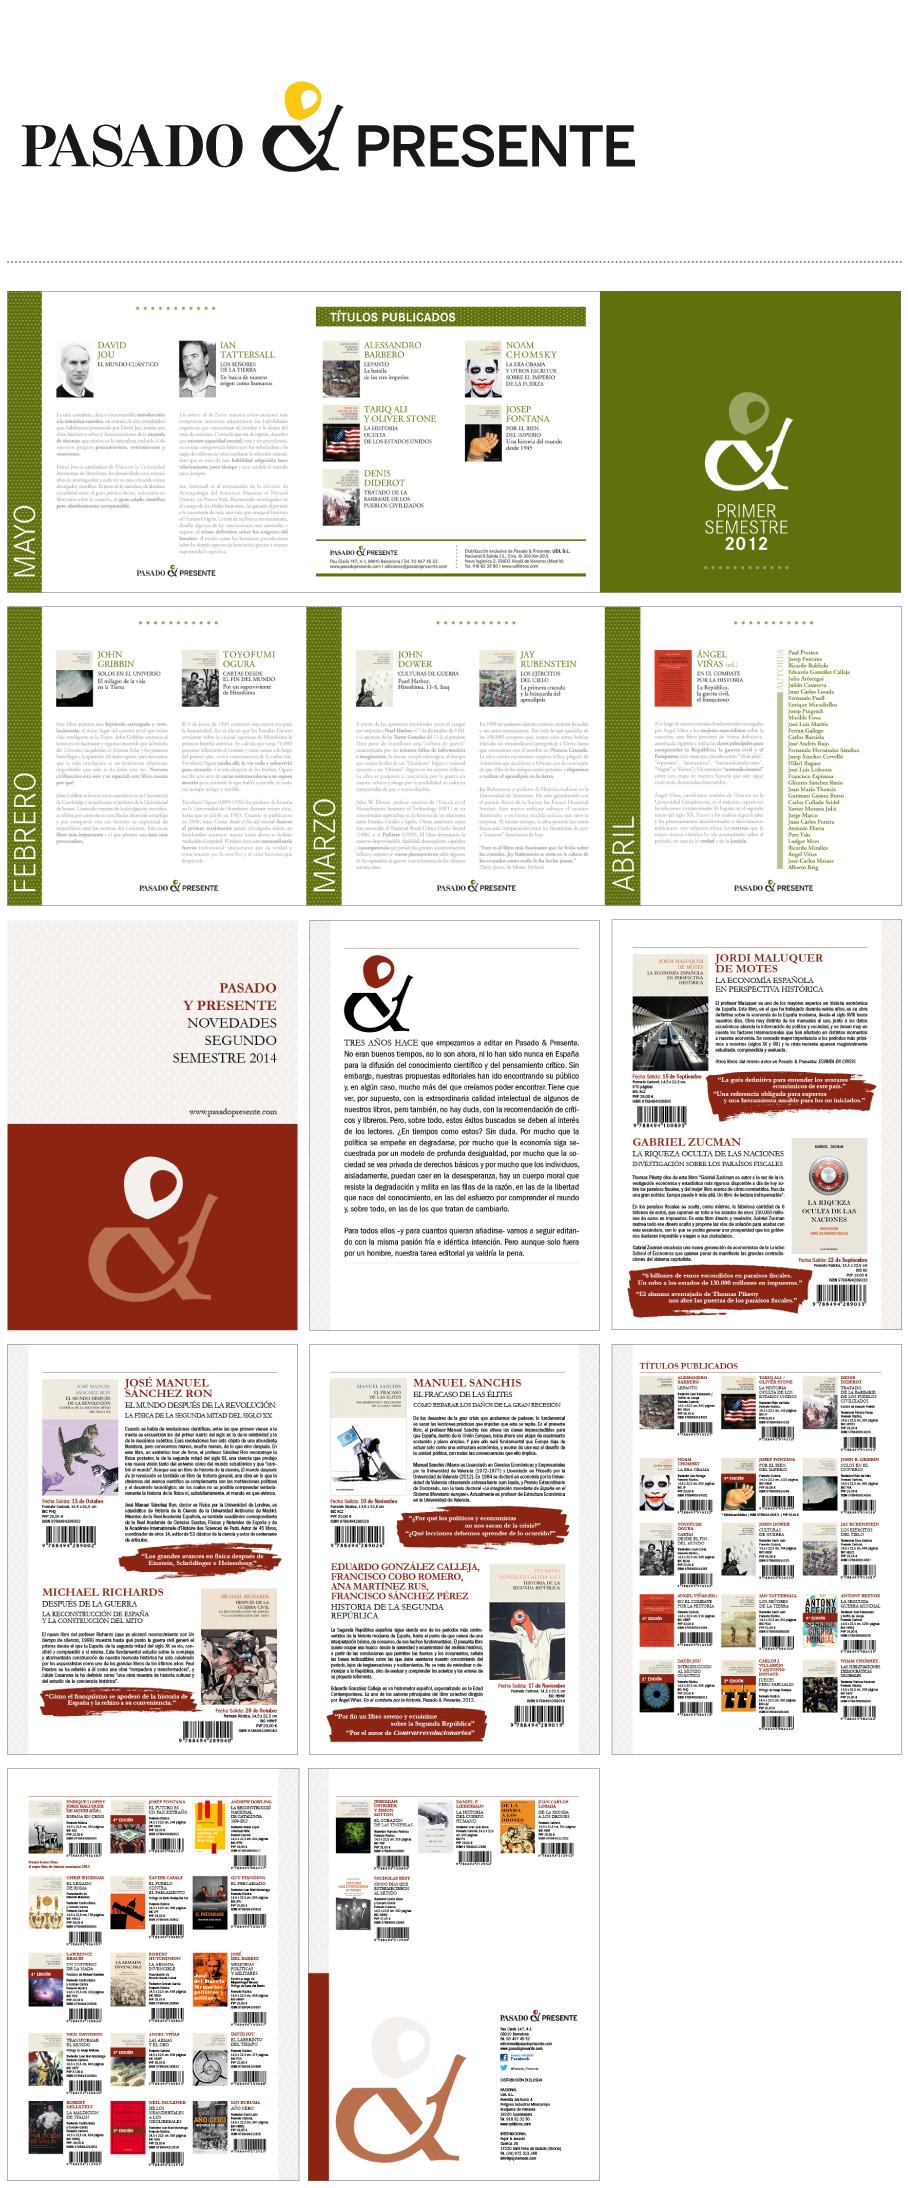 OFweb2014-Identitat016-P&P002